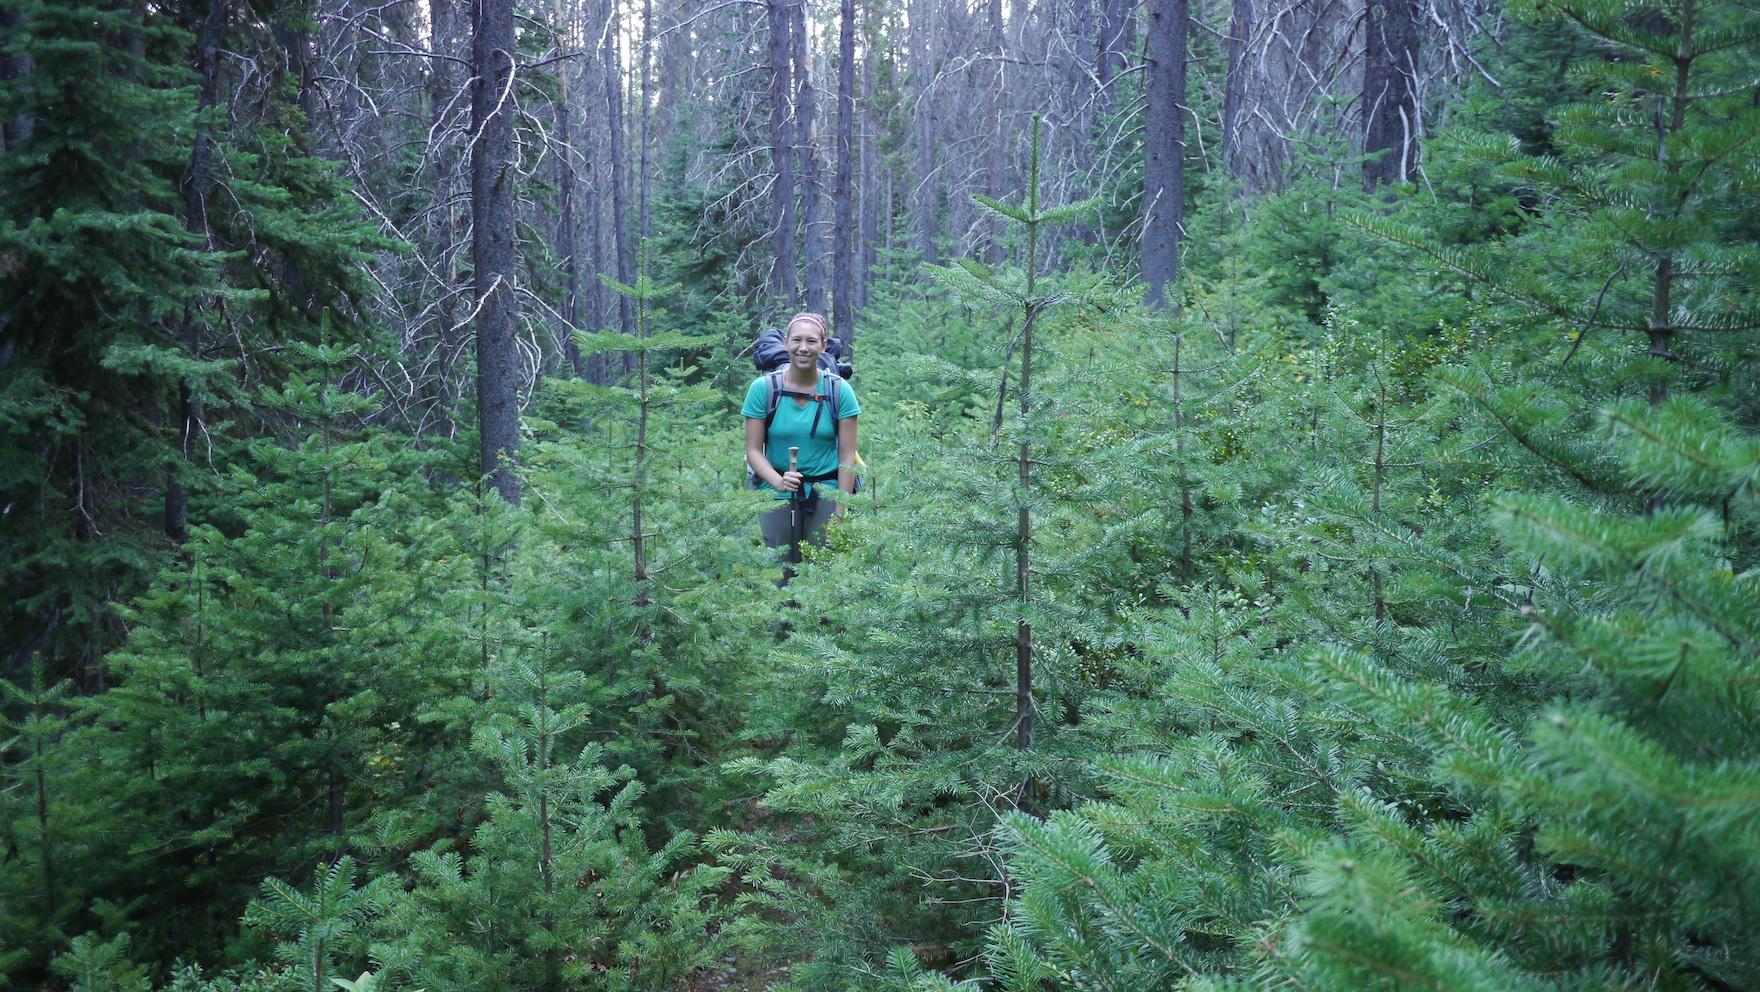 Rejuvenation: the forest rebuilds